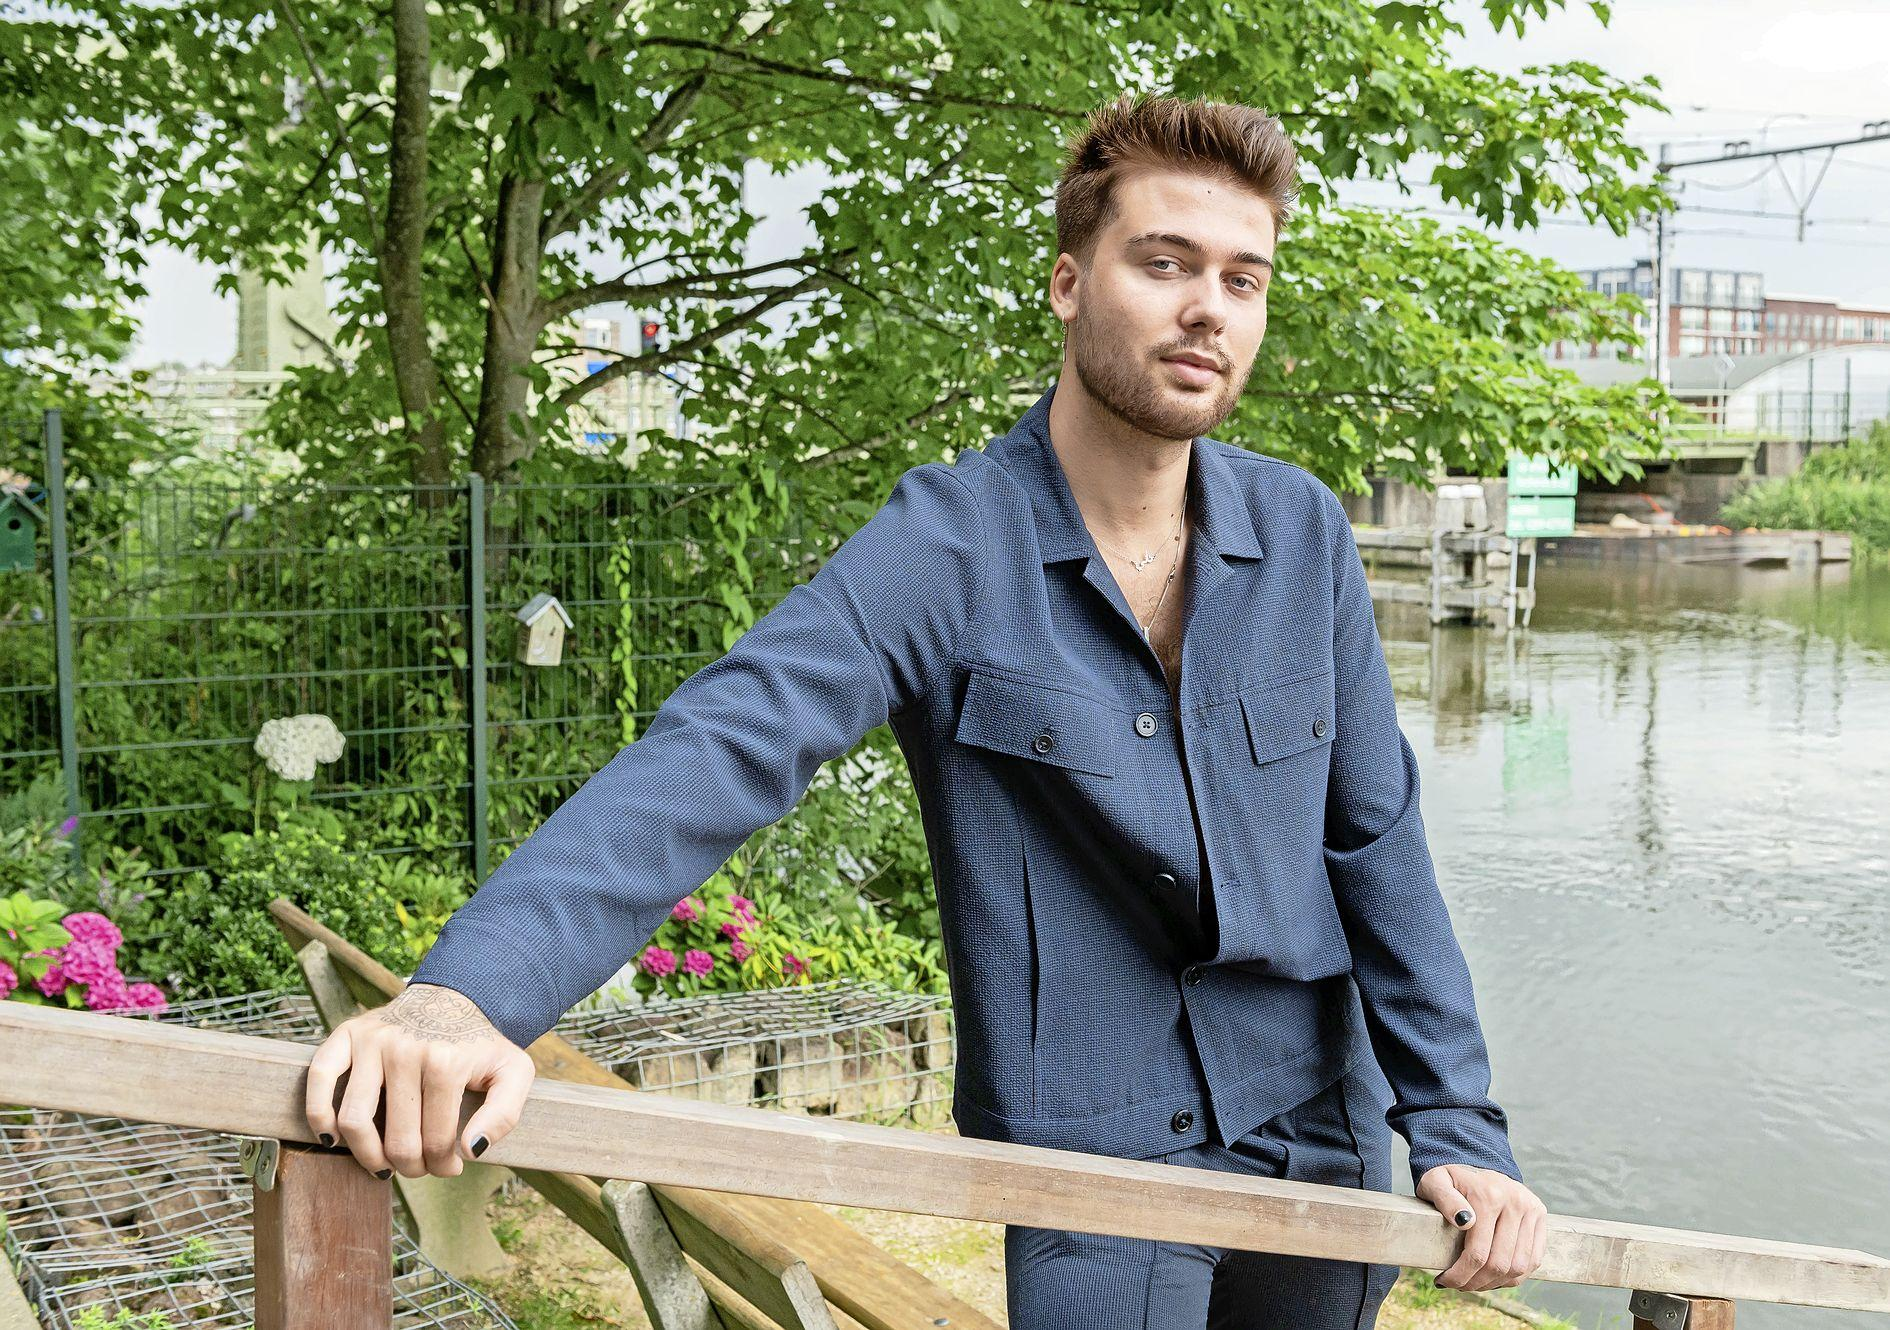 The Voice-winnaar Dany (22) uit Purmerend haalt inspiratie uit verdriet om overleden vriend: 'Praten over mentale gezondheid moet genormaliseerd worden'